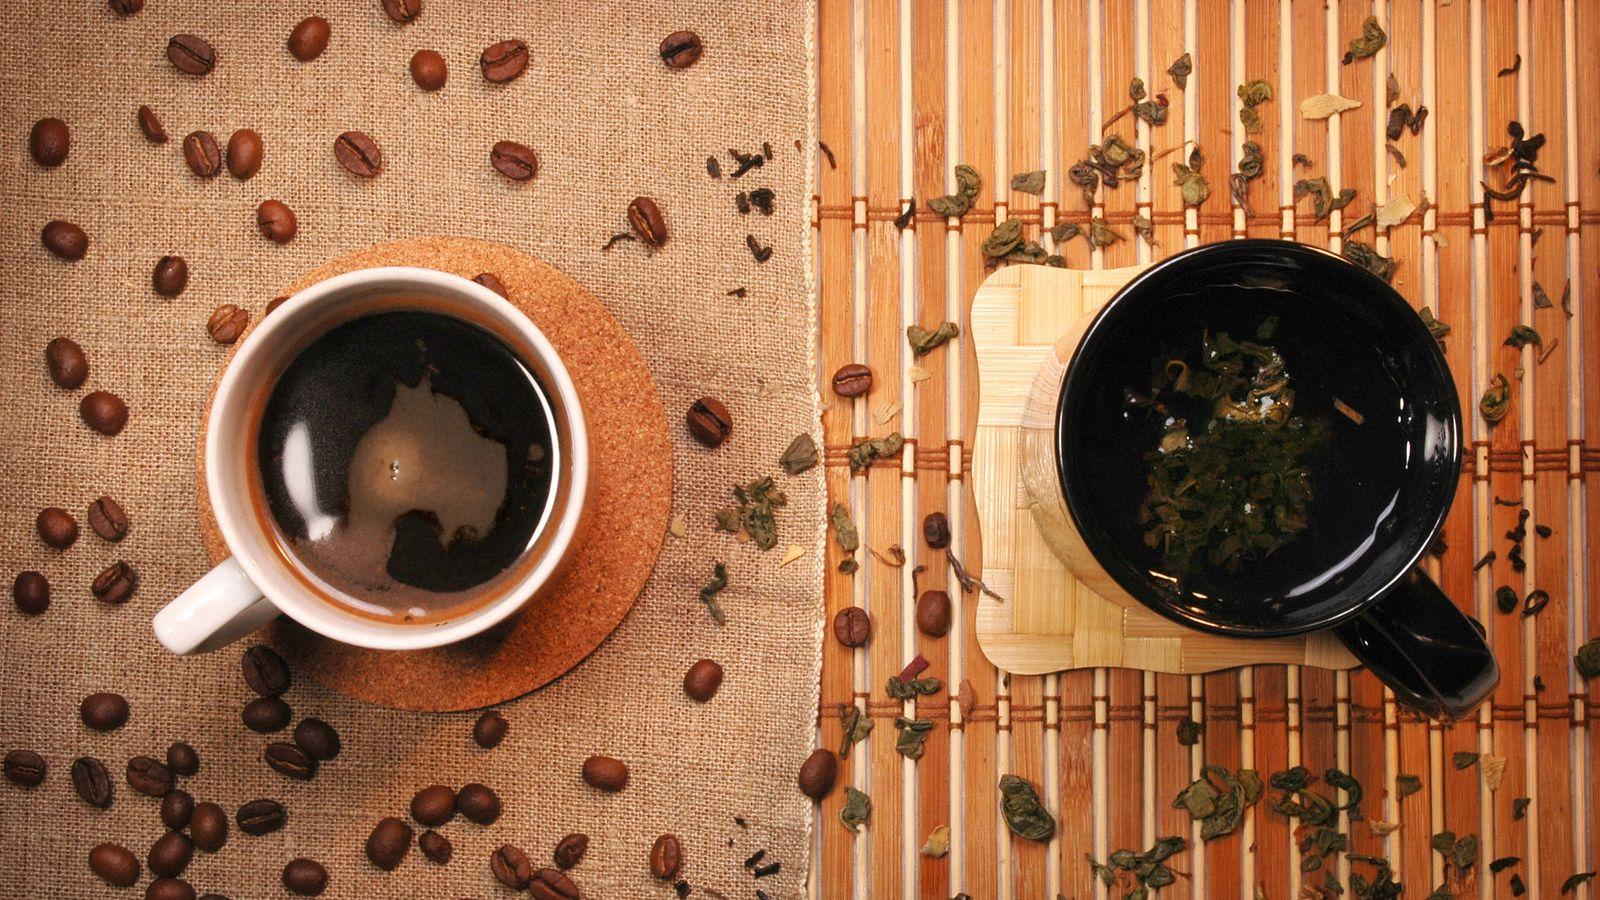 Foto: Casi todos tomamos café o té, pero saber cuáles son sus fuertes y sus flaquezas es lo importante. (iStock)